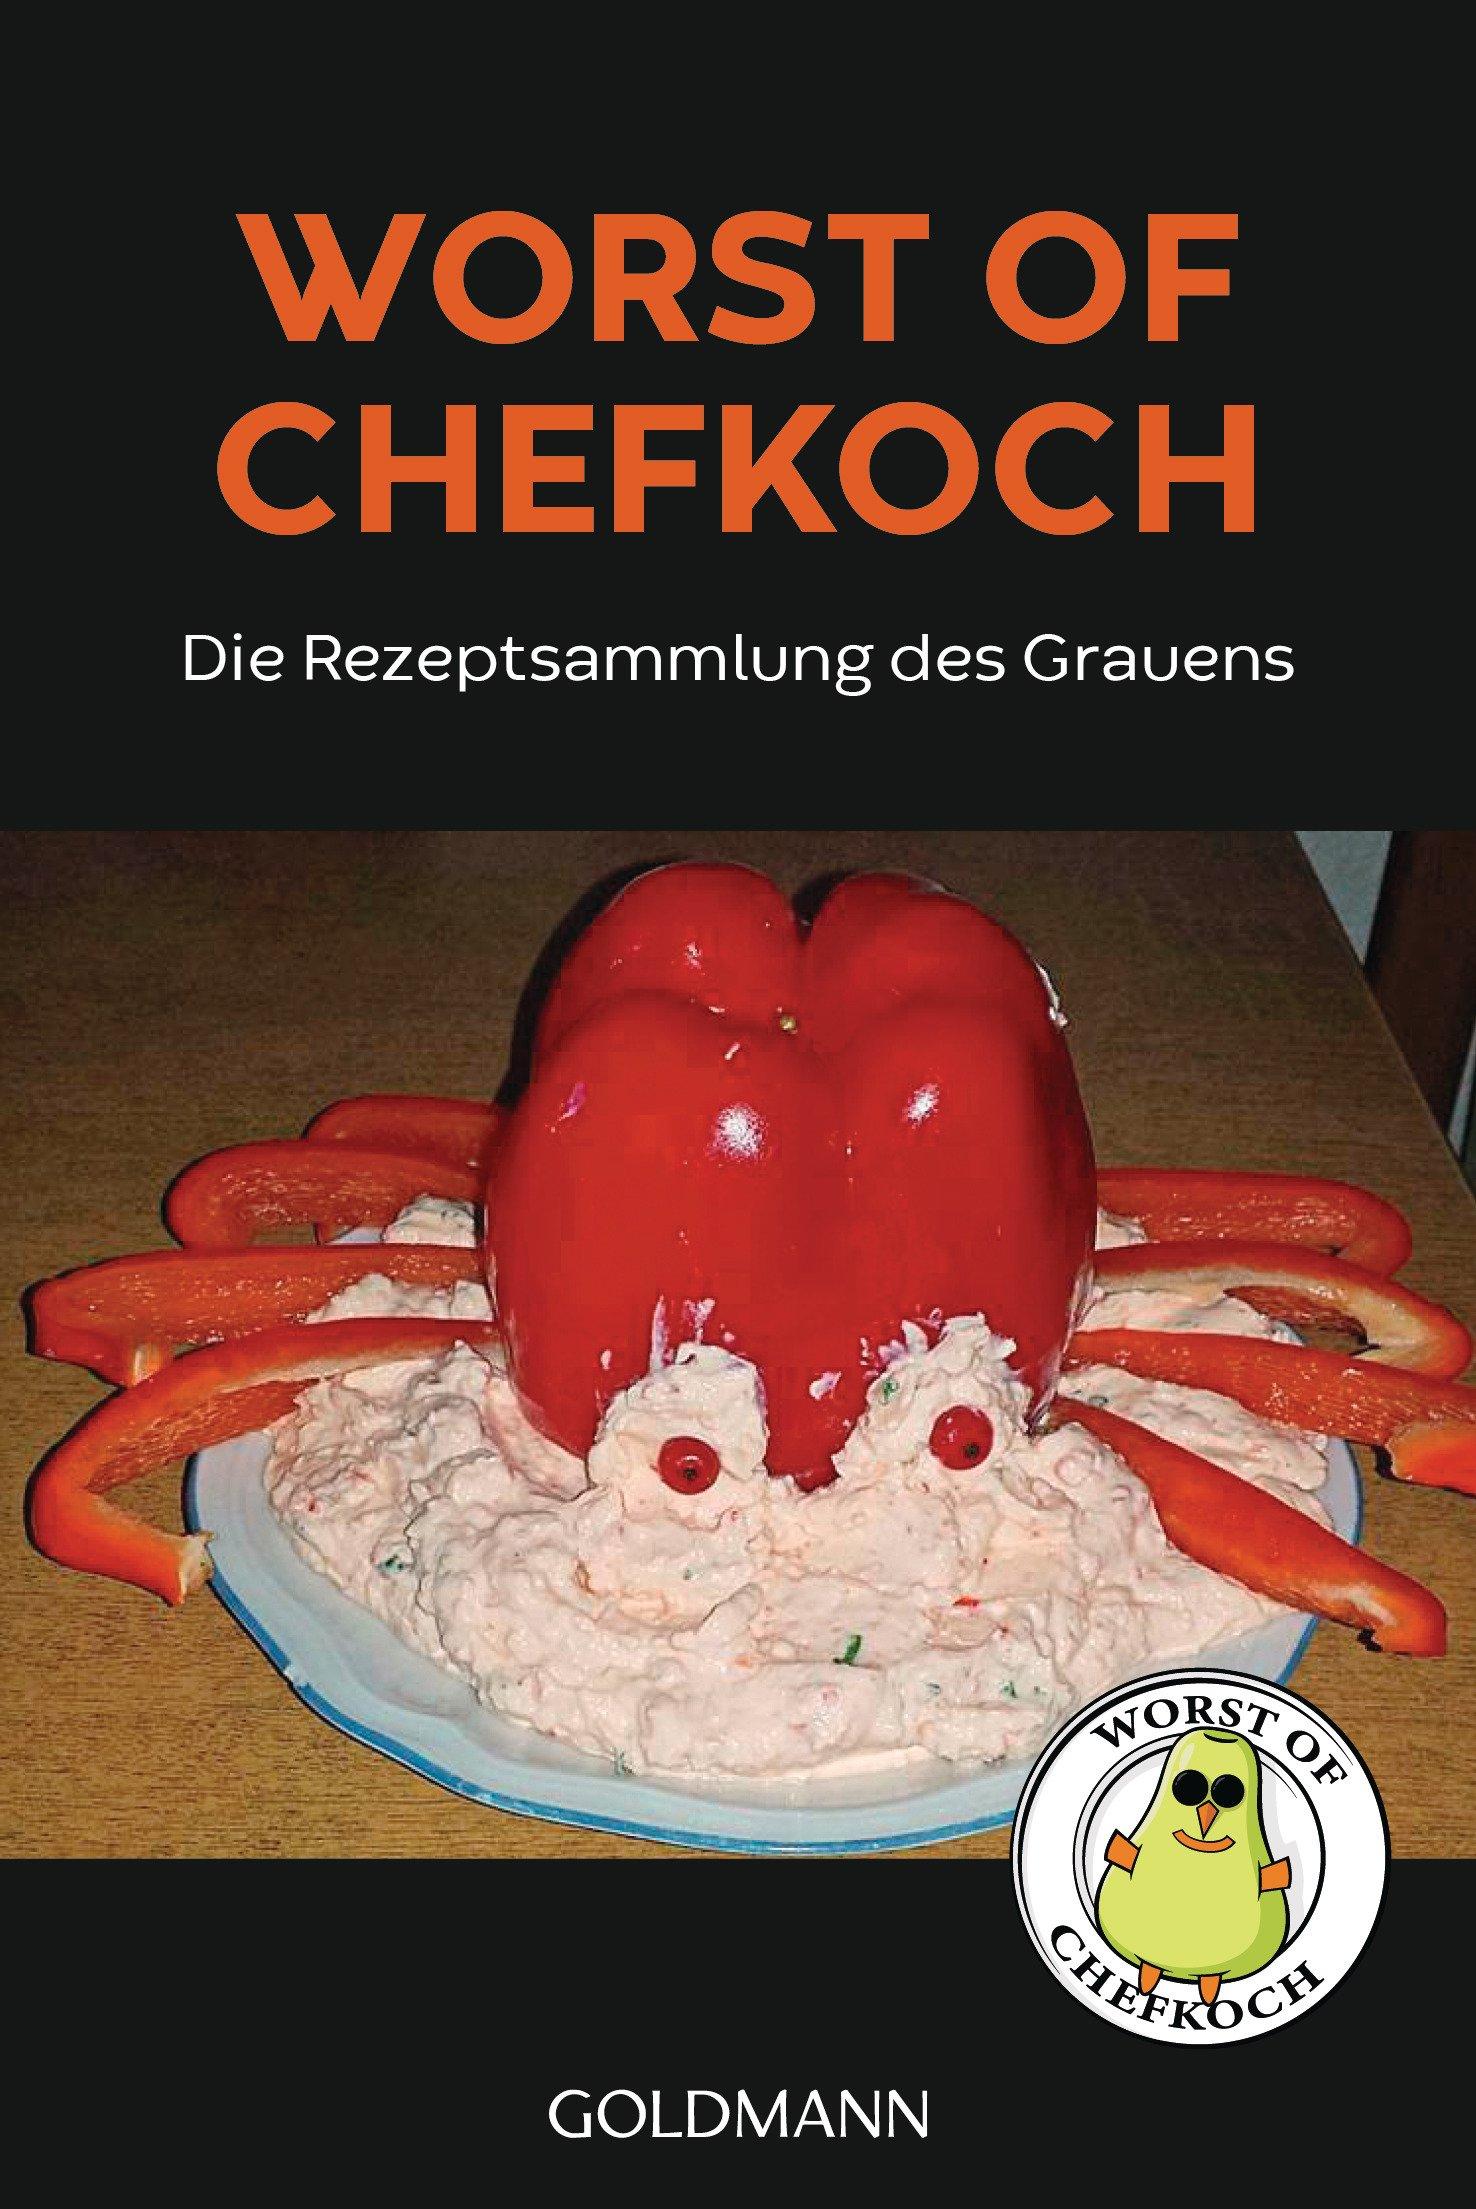 Worst of Chefkoch: Die Rezeptsammlung des Grauens Taschenbuch – 17. September 2018 Lukas Diestel Jonathan Löffelbein Goldmann Verlag 3442159792